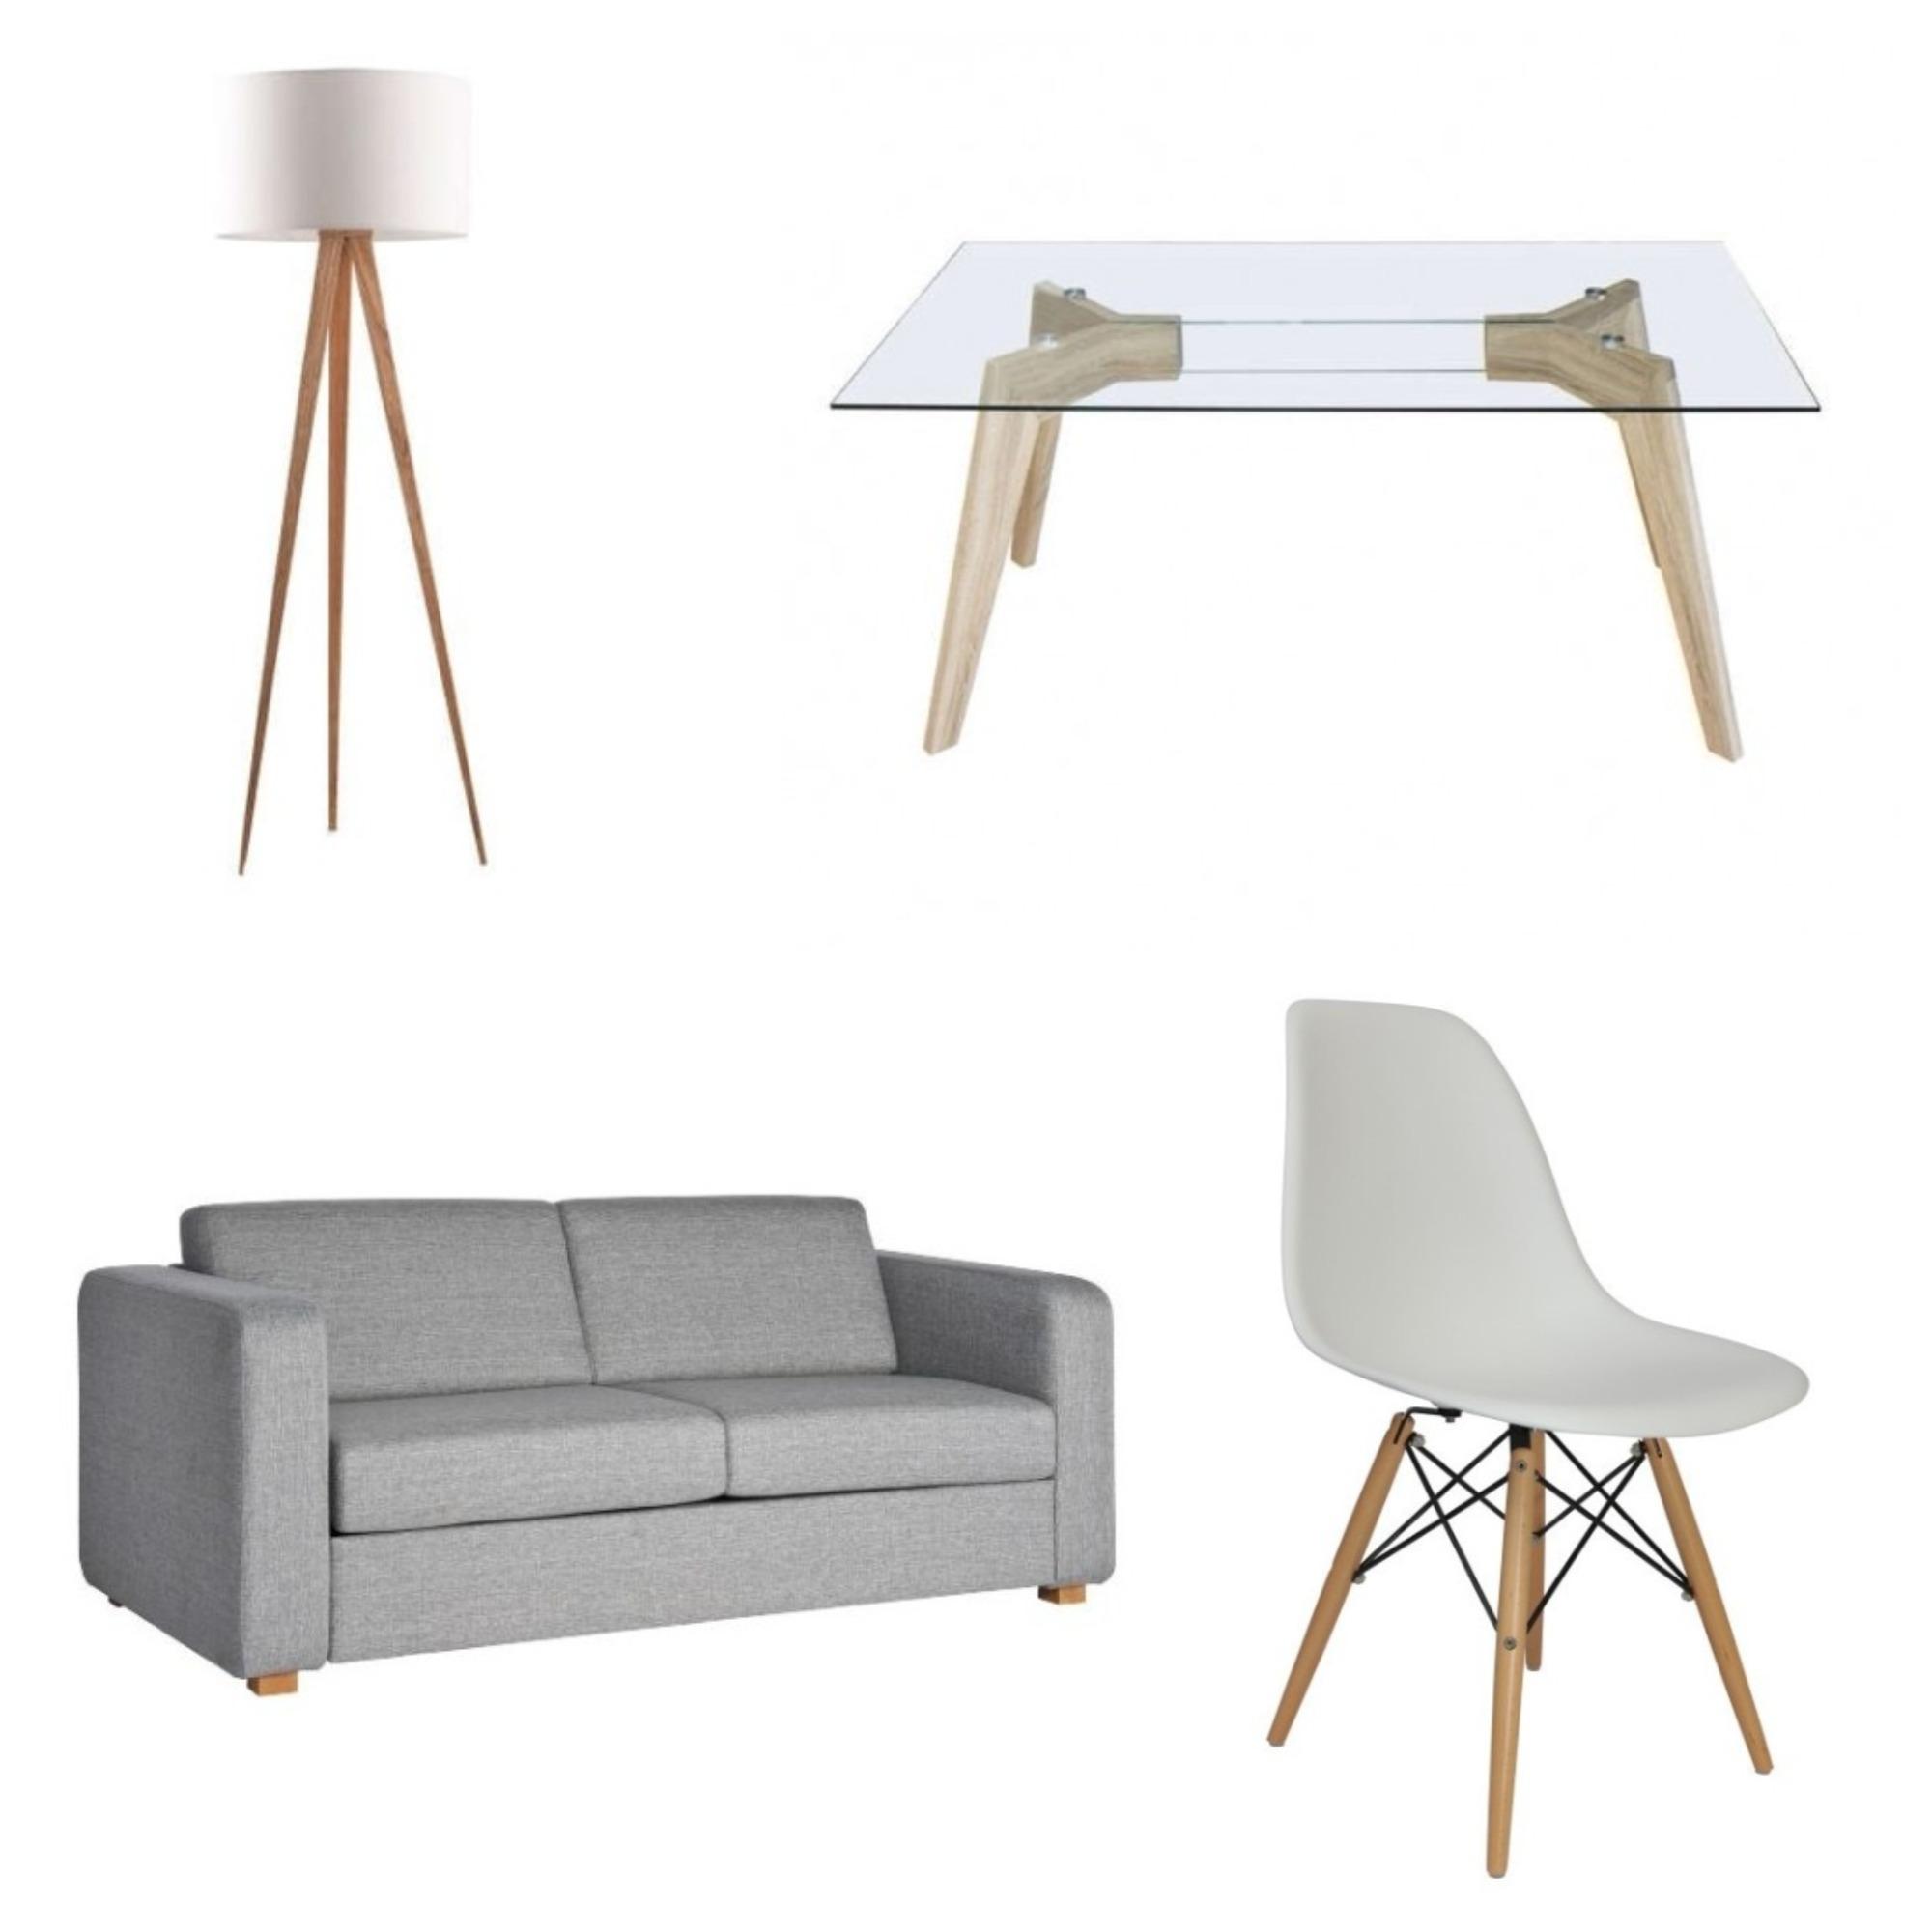 location de mobilier comment a marche cocon d co vie nomade. Black Bedroom Furniture Sets. Home Design Ideas